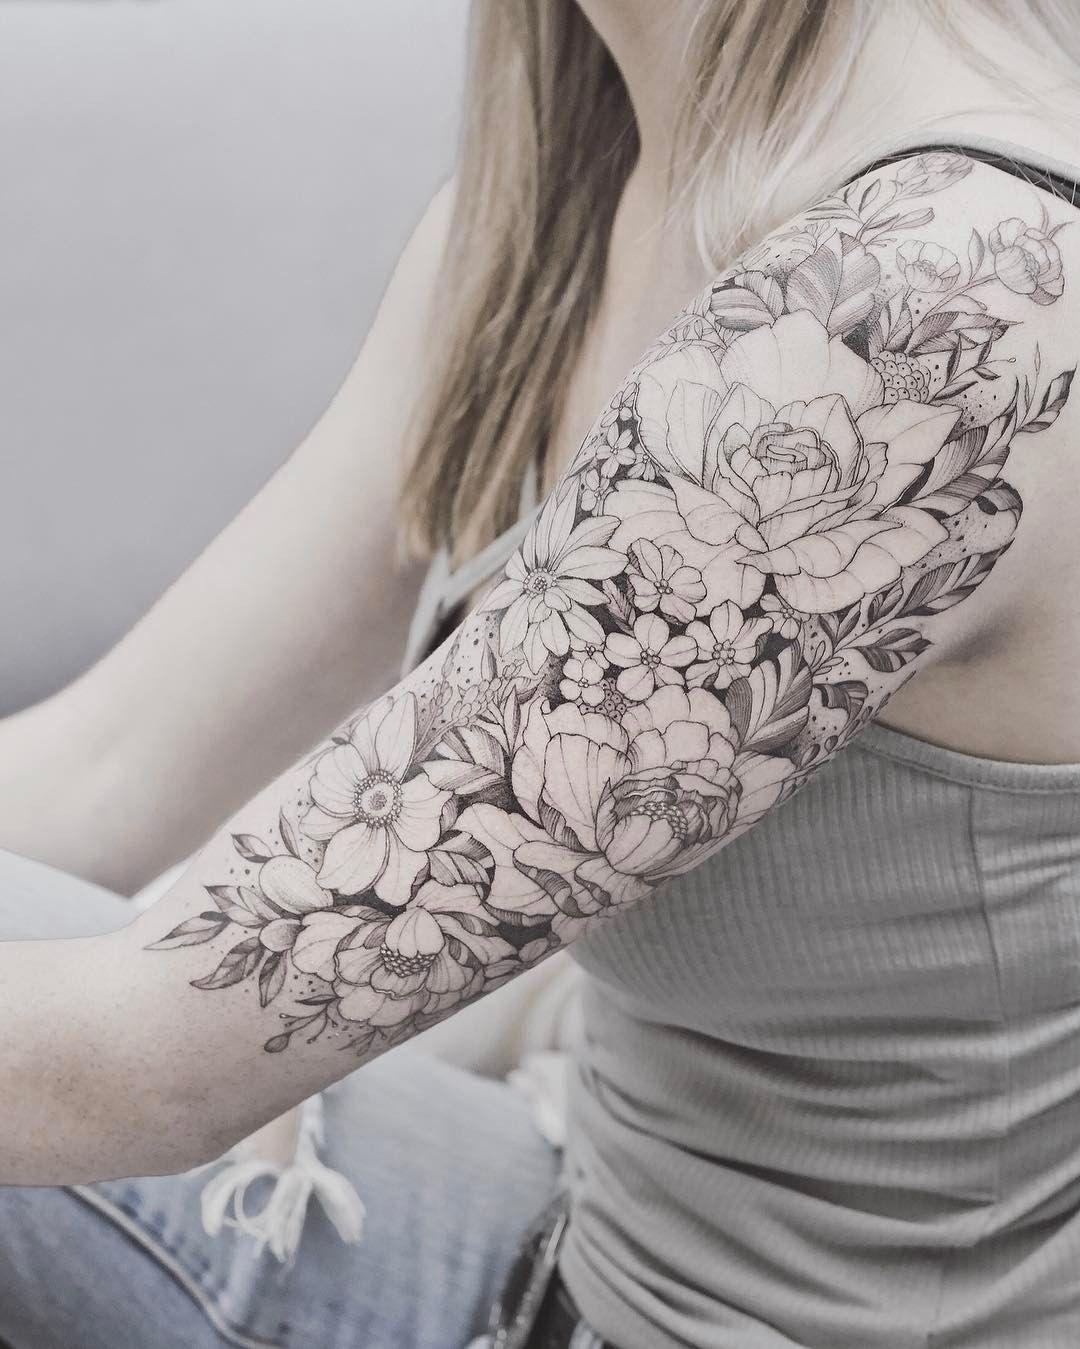 Blumen tattoo oberarm Tattoo Ideen